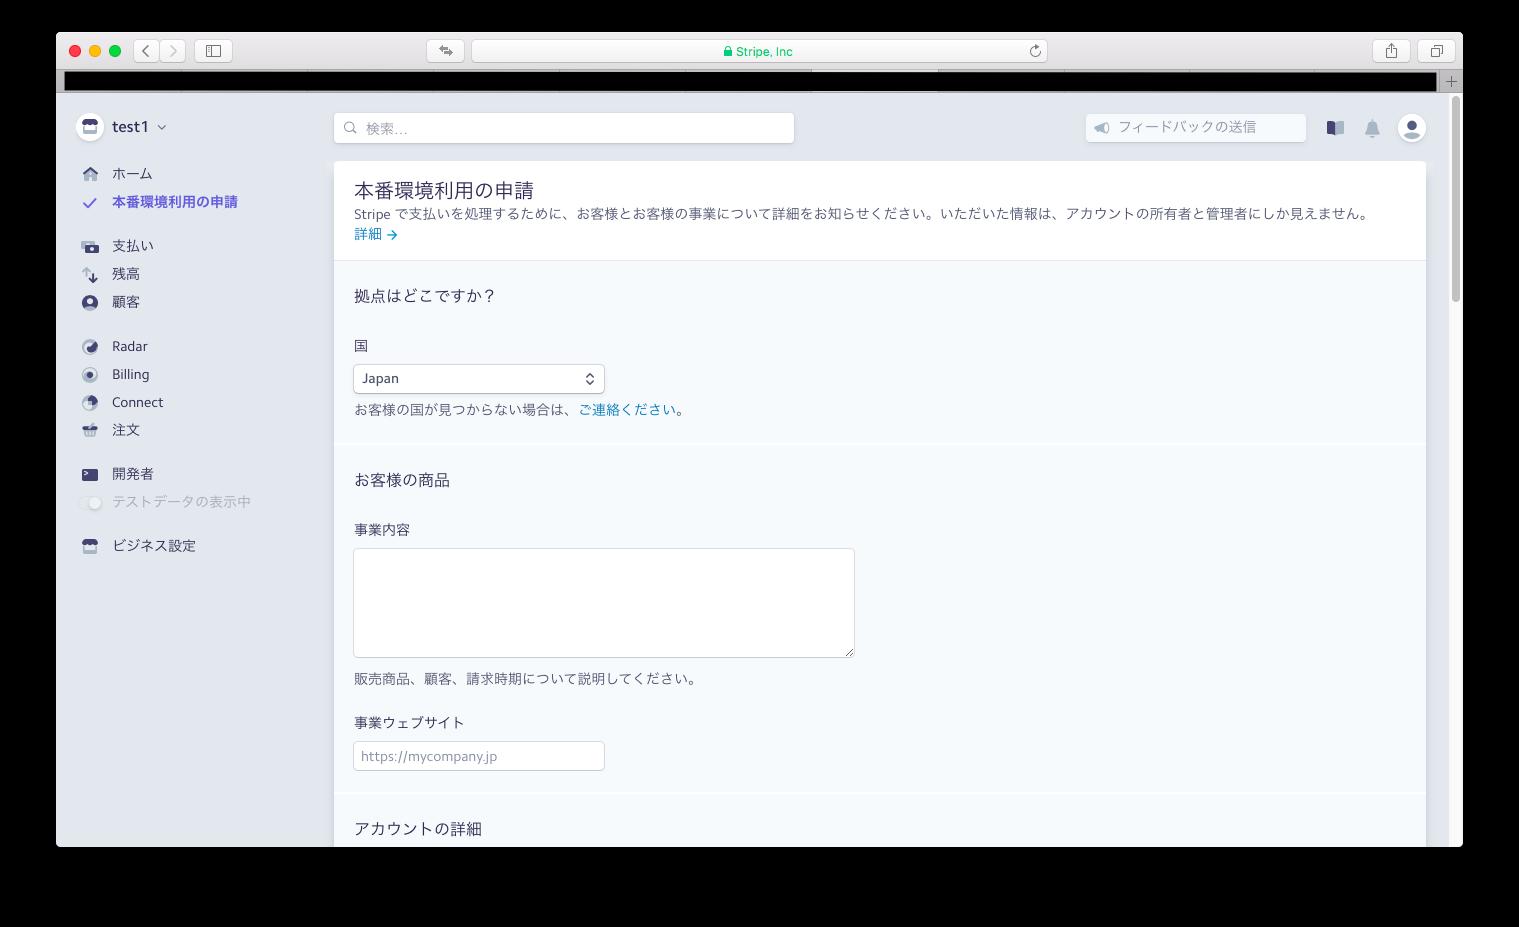 スクリーンショット 2018-08-23 1.16.58.pngのコピー.png.png